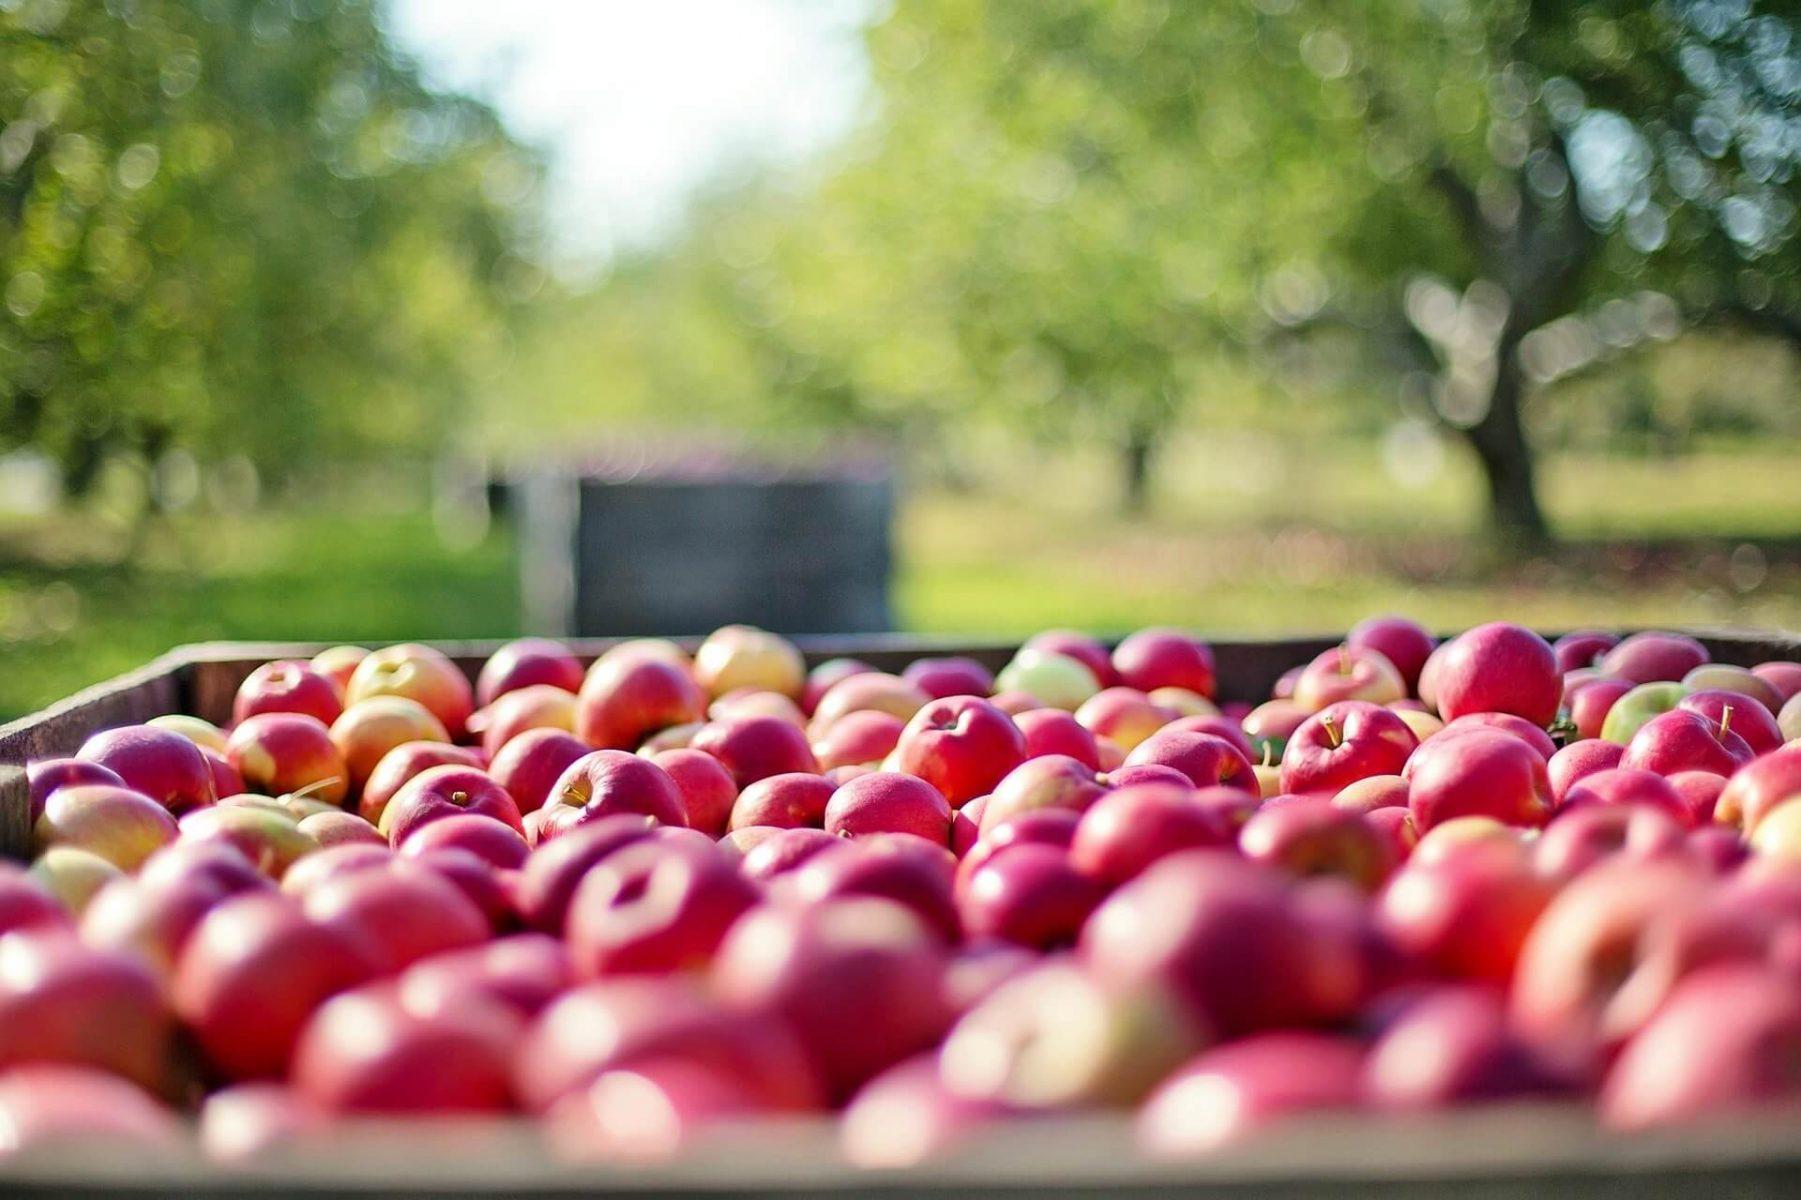 Apfelernte am Prallerstweg am 17.10.2020